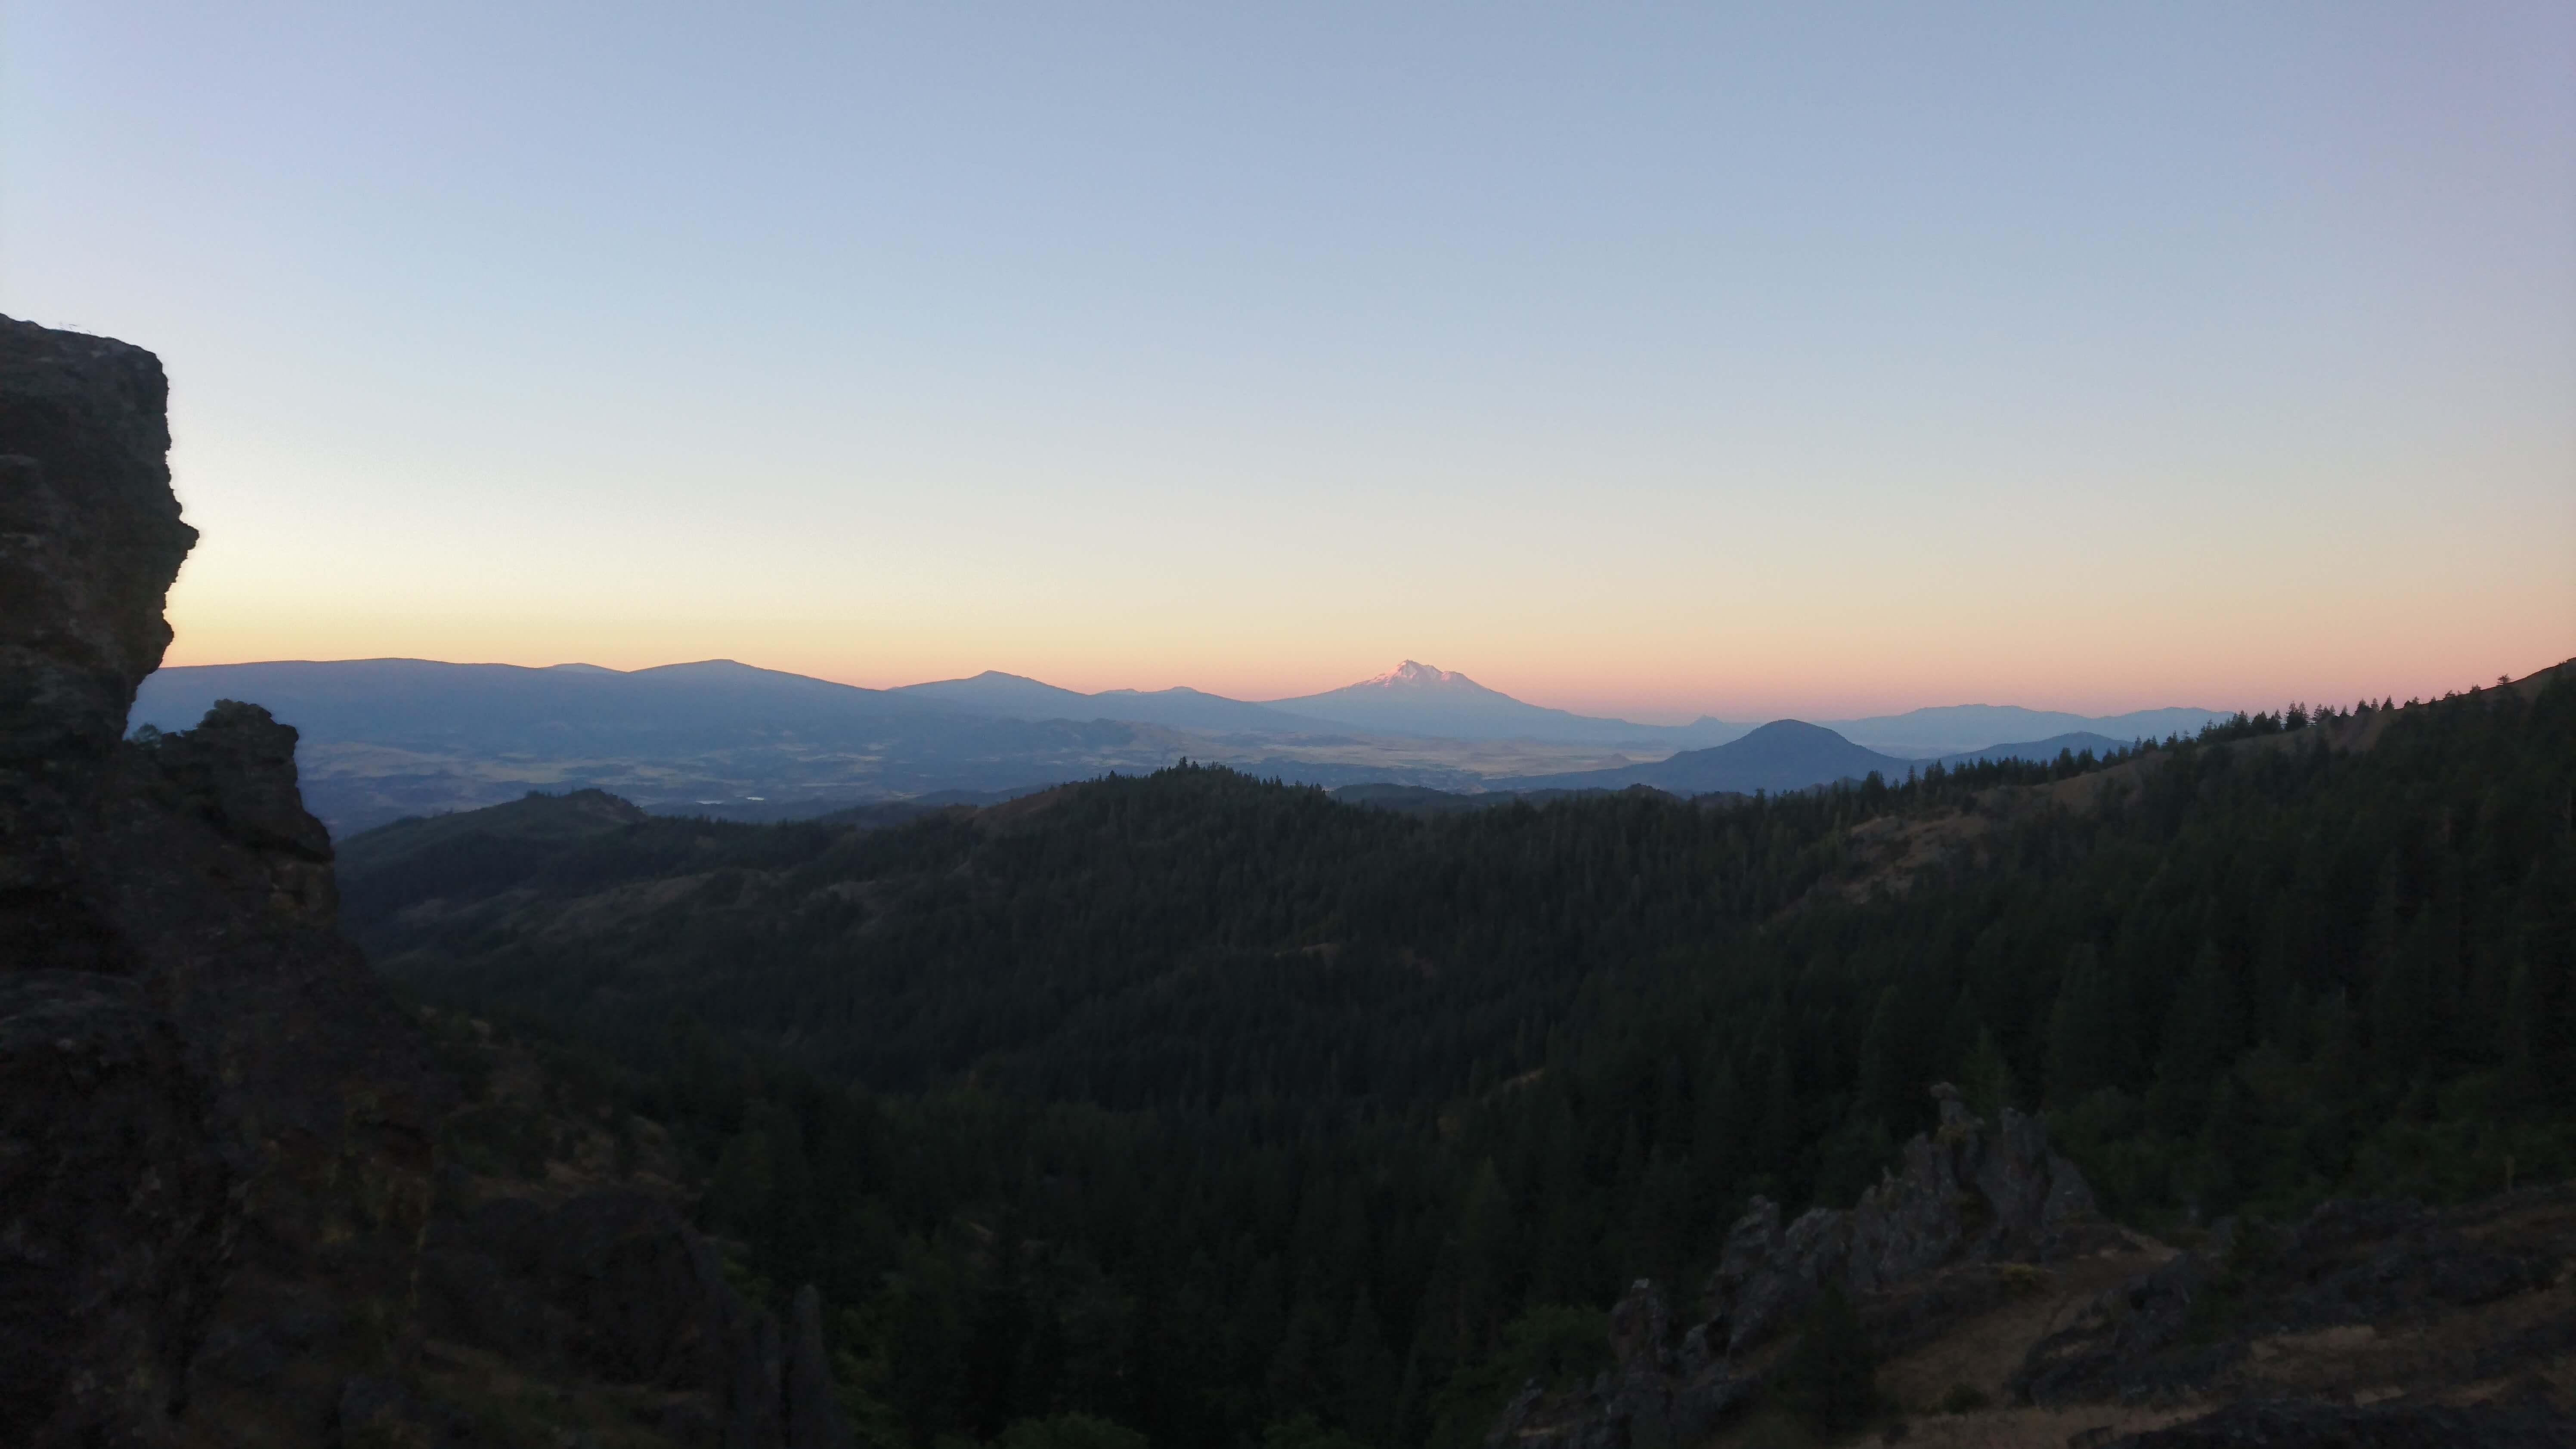 Lever de soleil sur le Mont Shasta